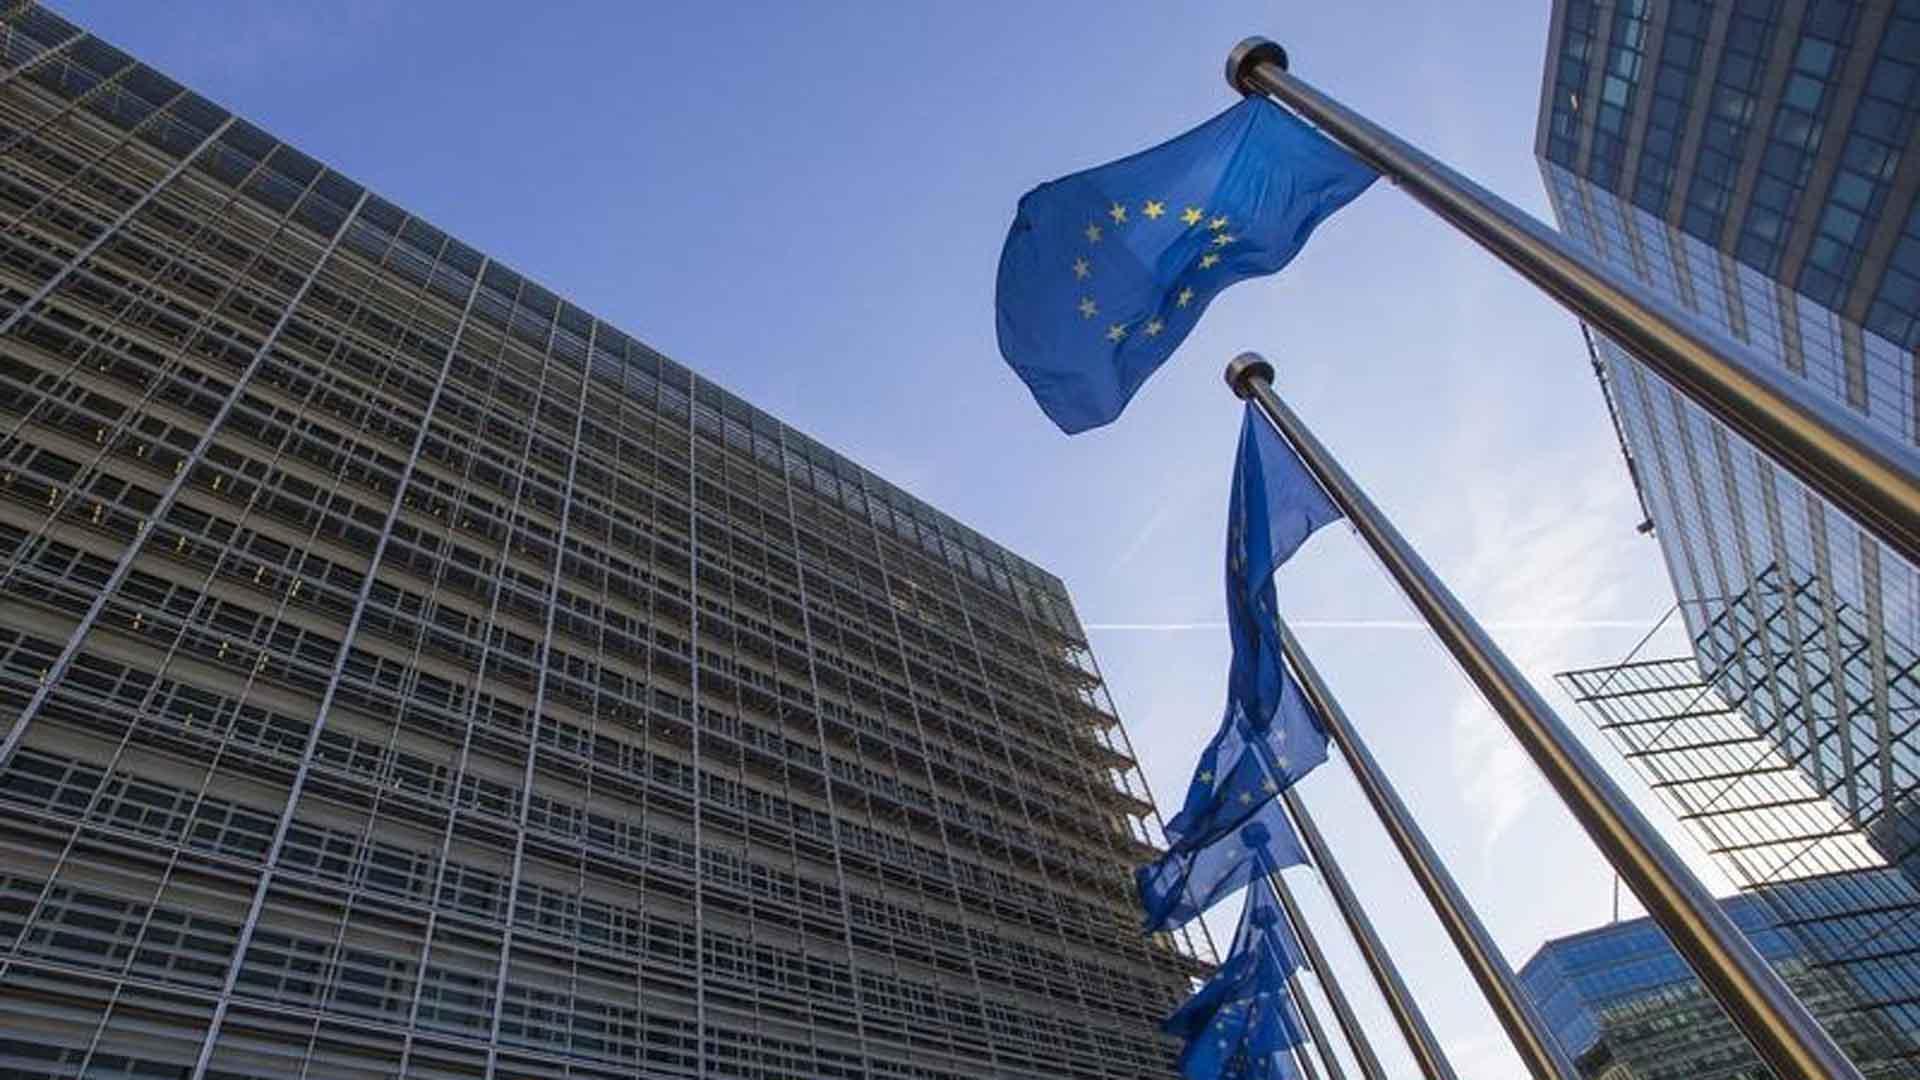 La Comisón Europea advirtió sobre el no cumplimiento de normas fijadas por el bloque para el tratamiento de refugiados